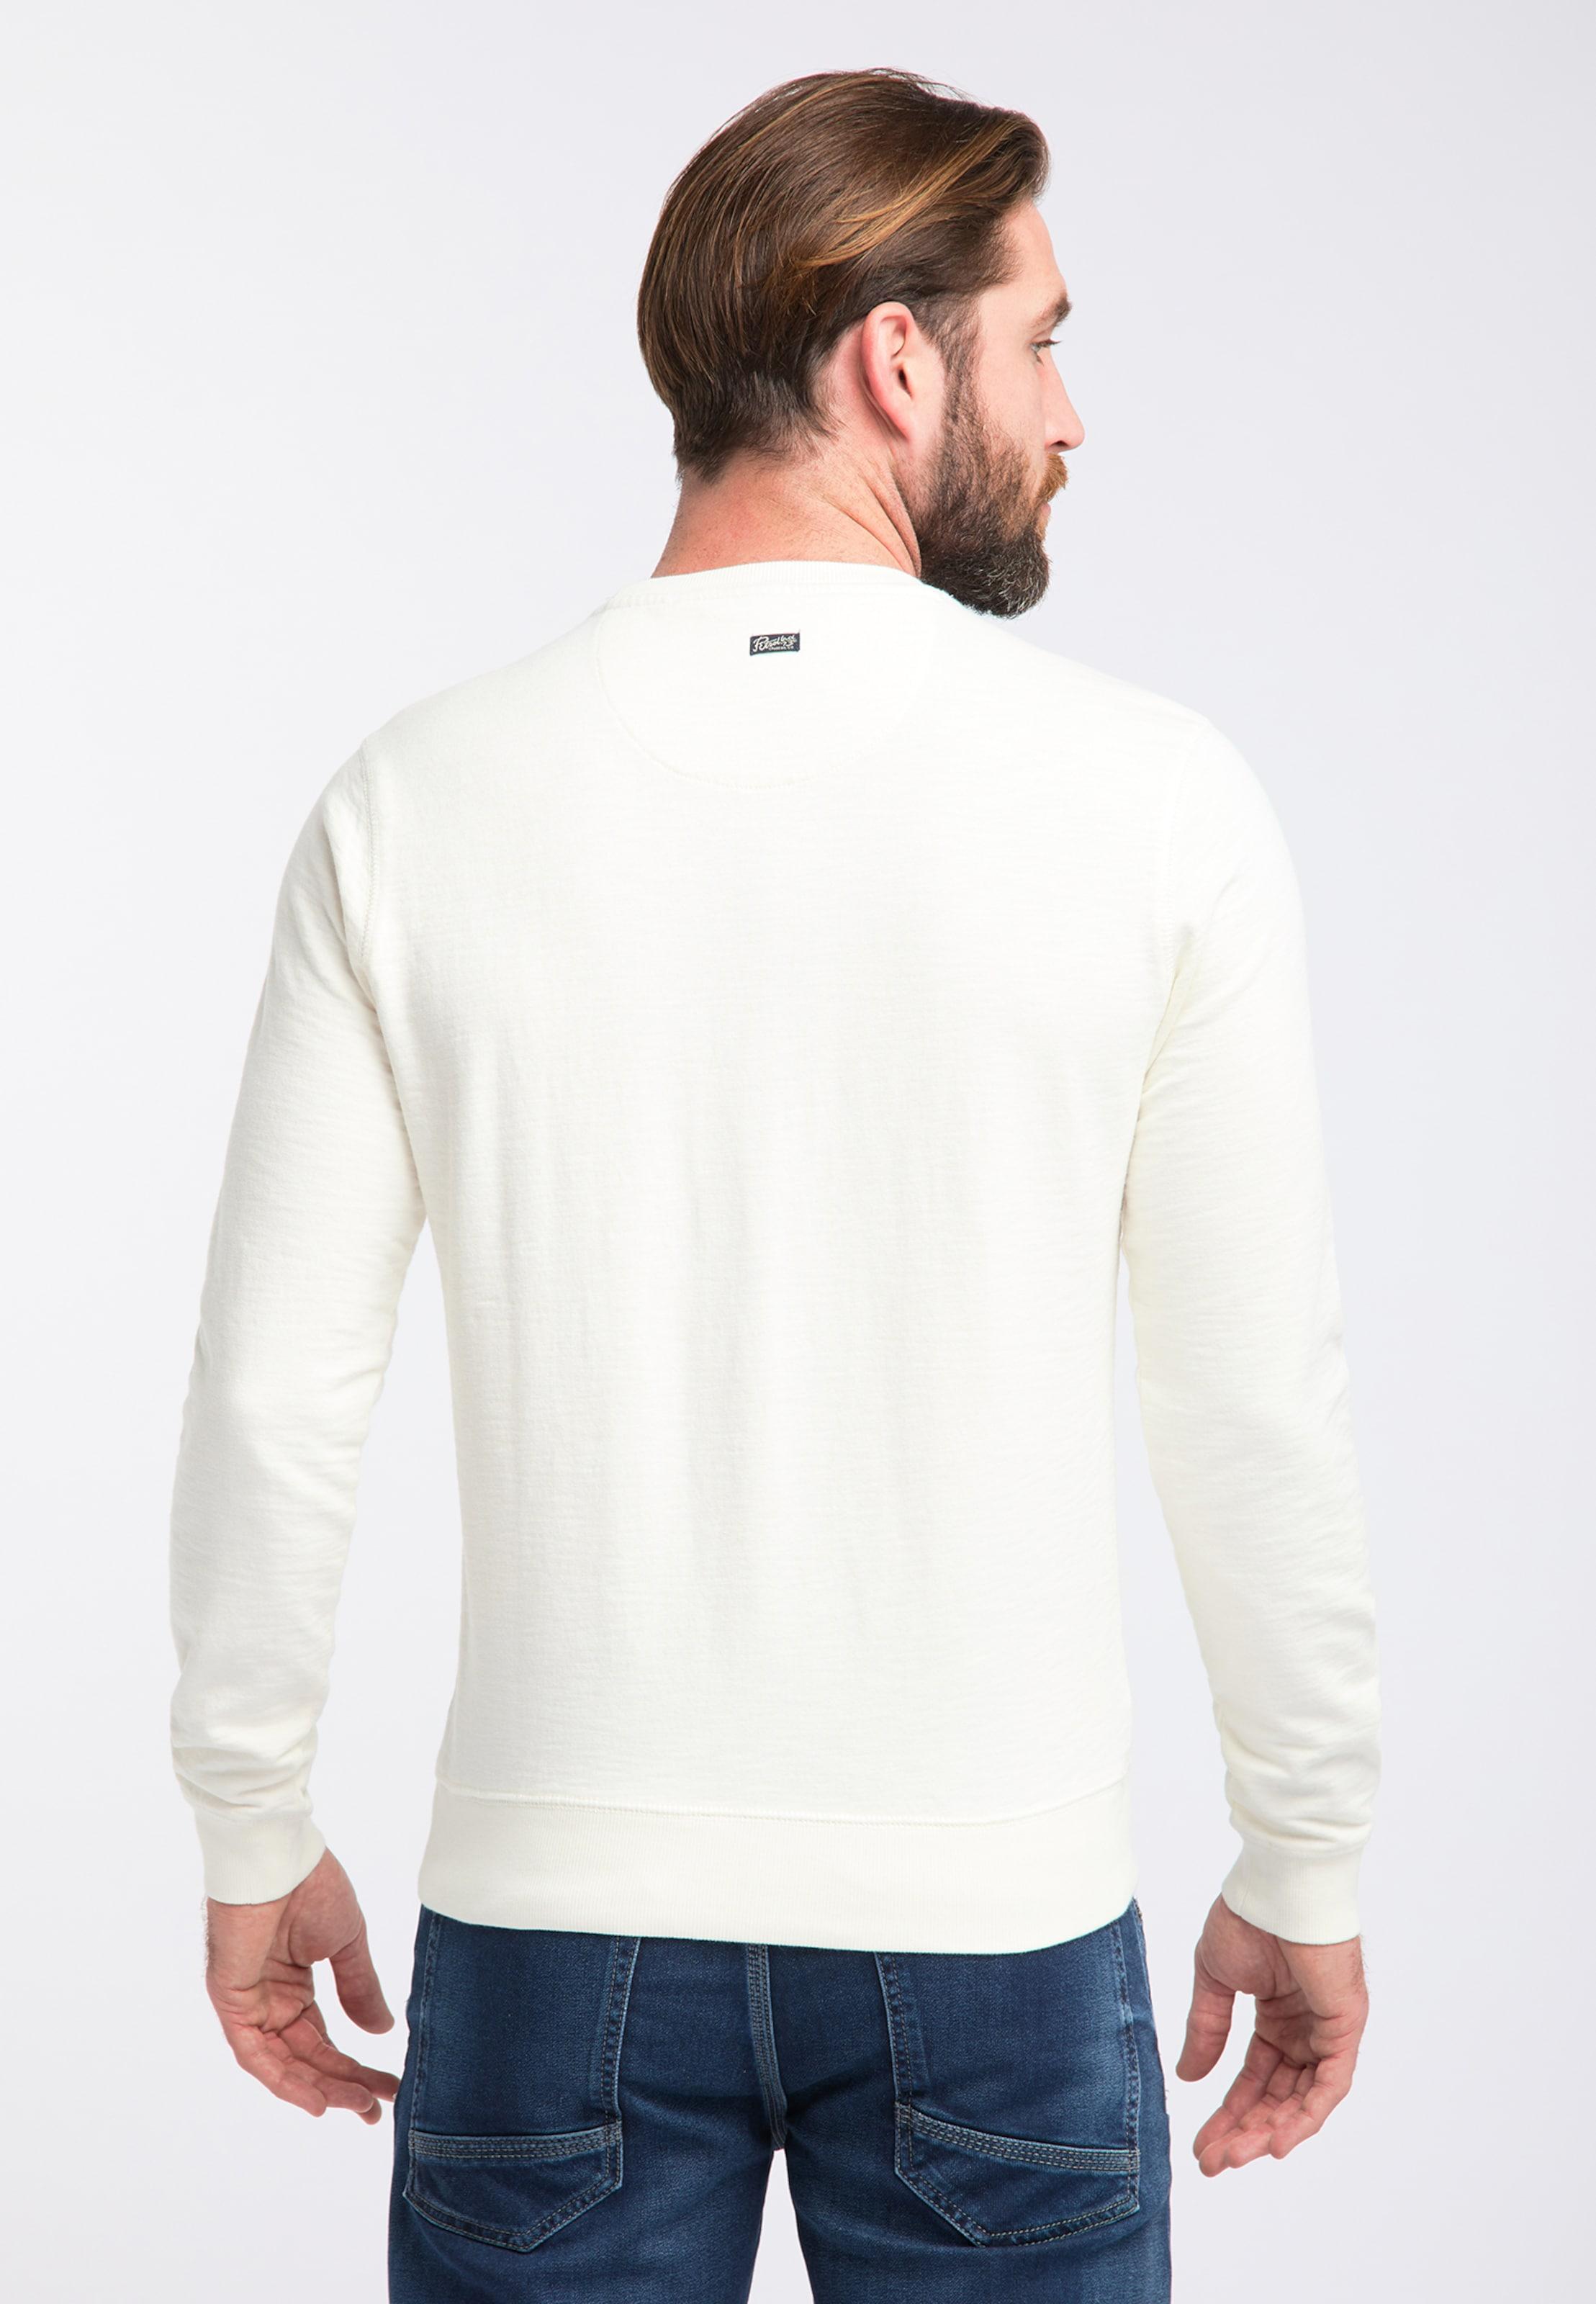 Sweater In Industries Petrol Petrol BlauWeiß xoBreWQdC